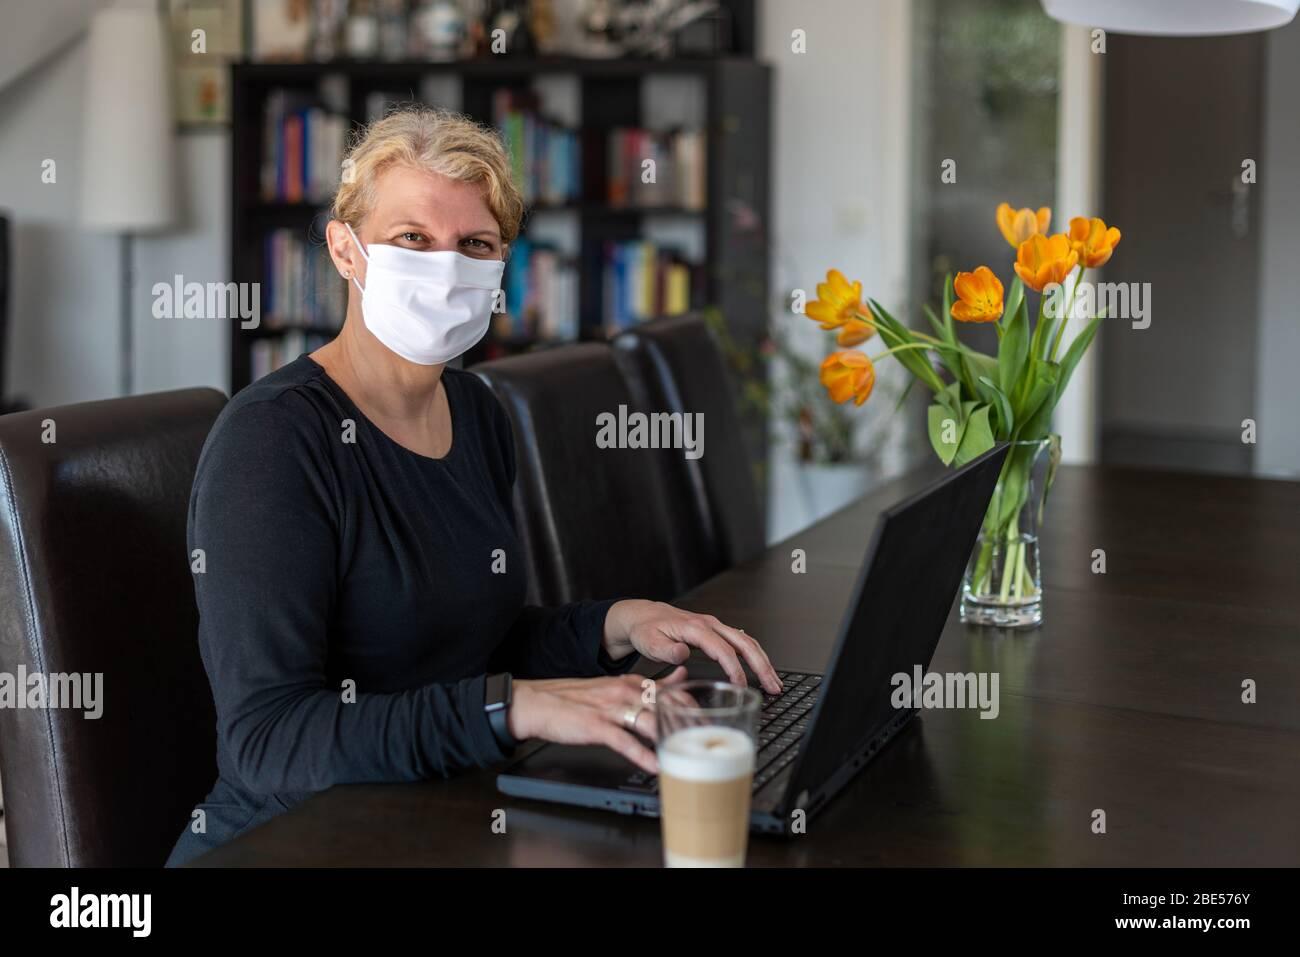 Kaukasierin mittleren Alters arbeitet von zu Hause aus auf einem Laptop in ihrem Wohnzimmer, trägt Gesichtsschutzmaske, während in Quarantäne und Isolation Stockfoto